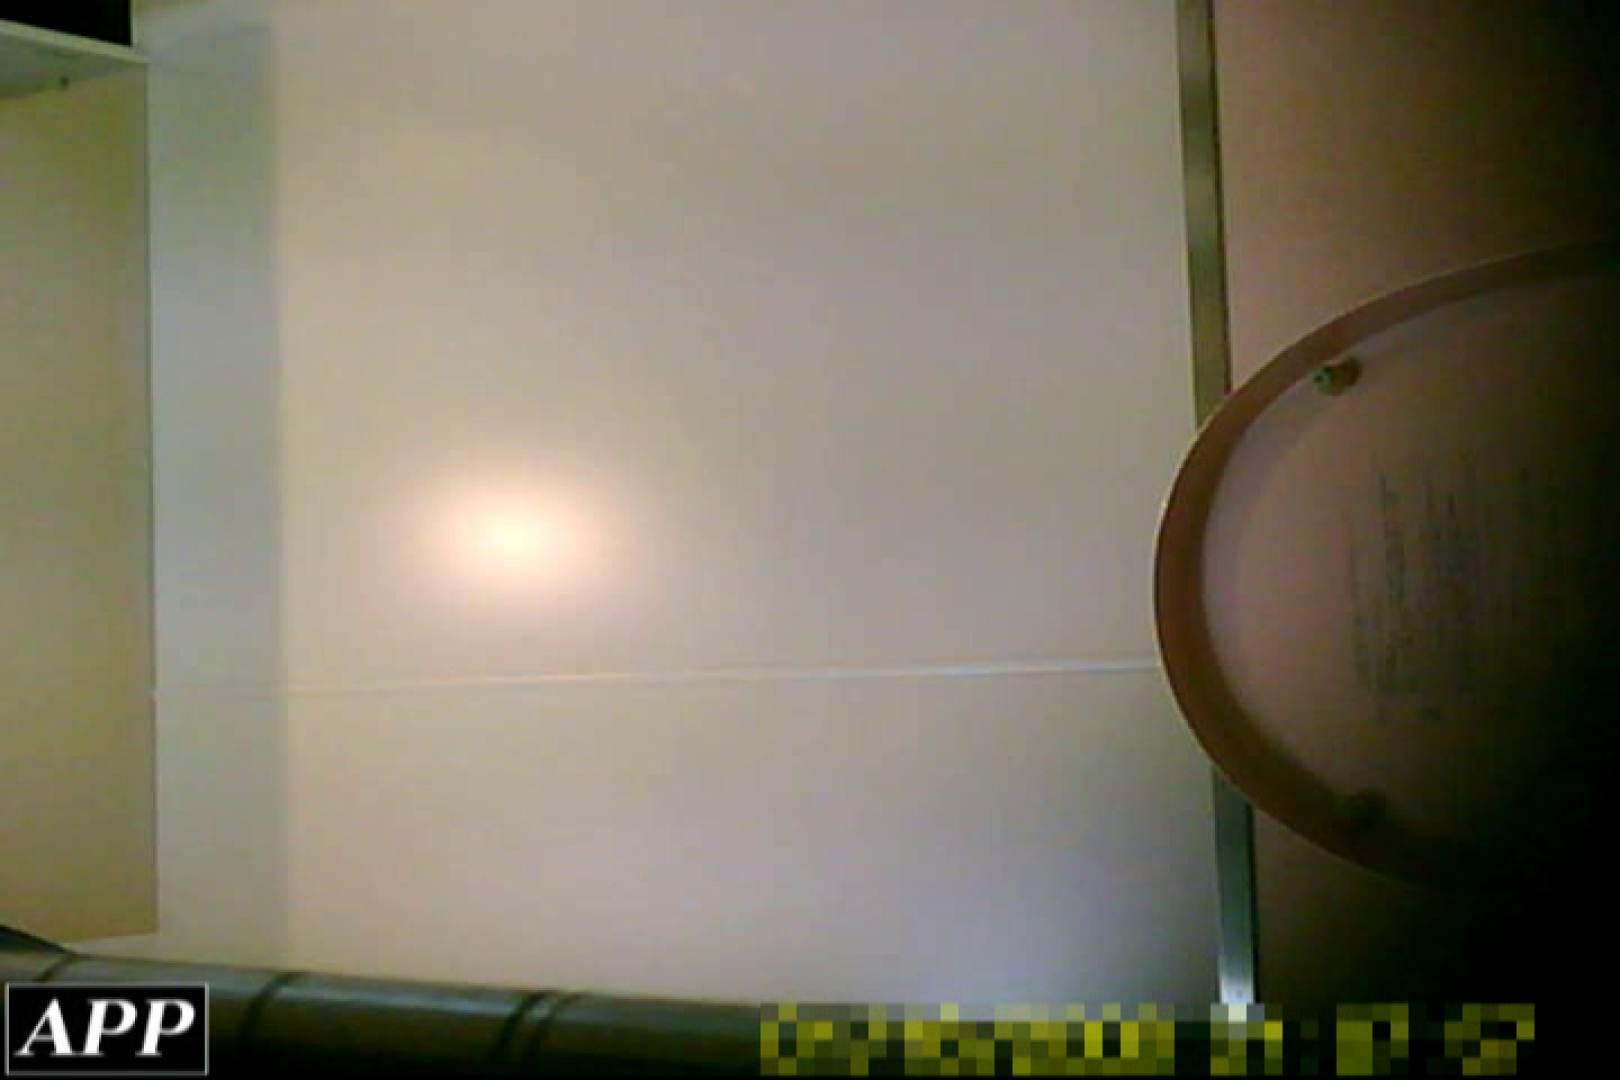 3視点洗面所 vol.09 オマンコ大好き エロ画像 106画像 76